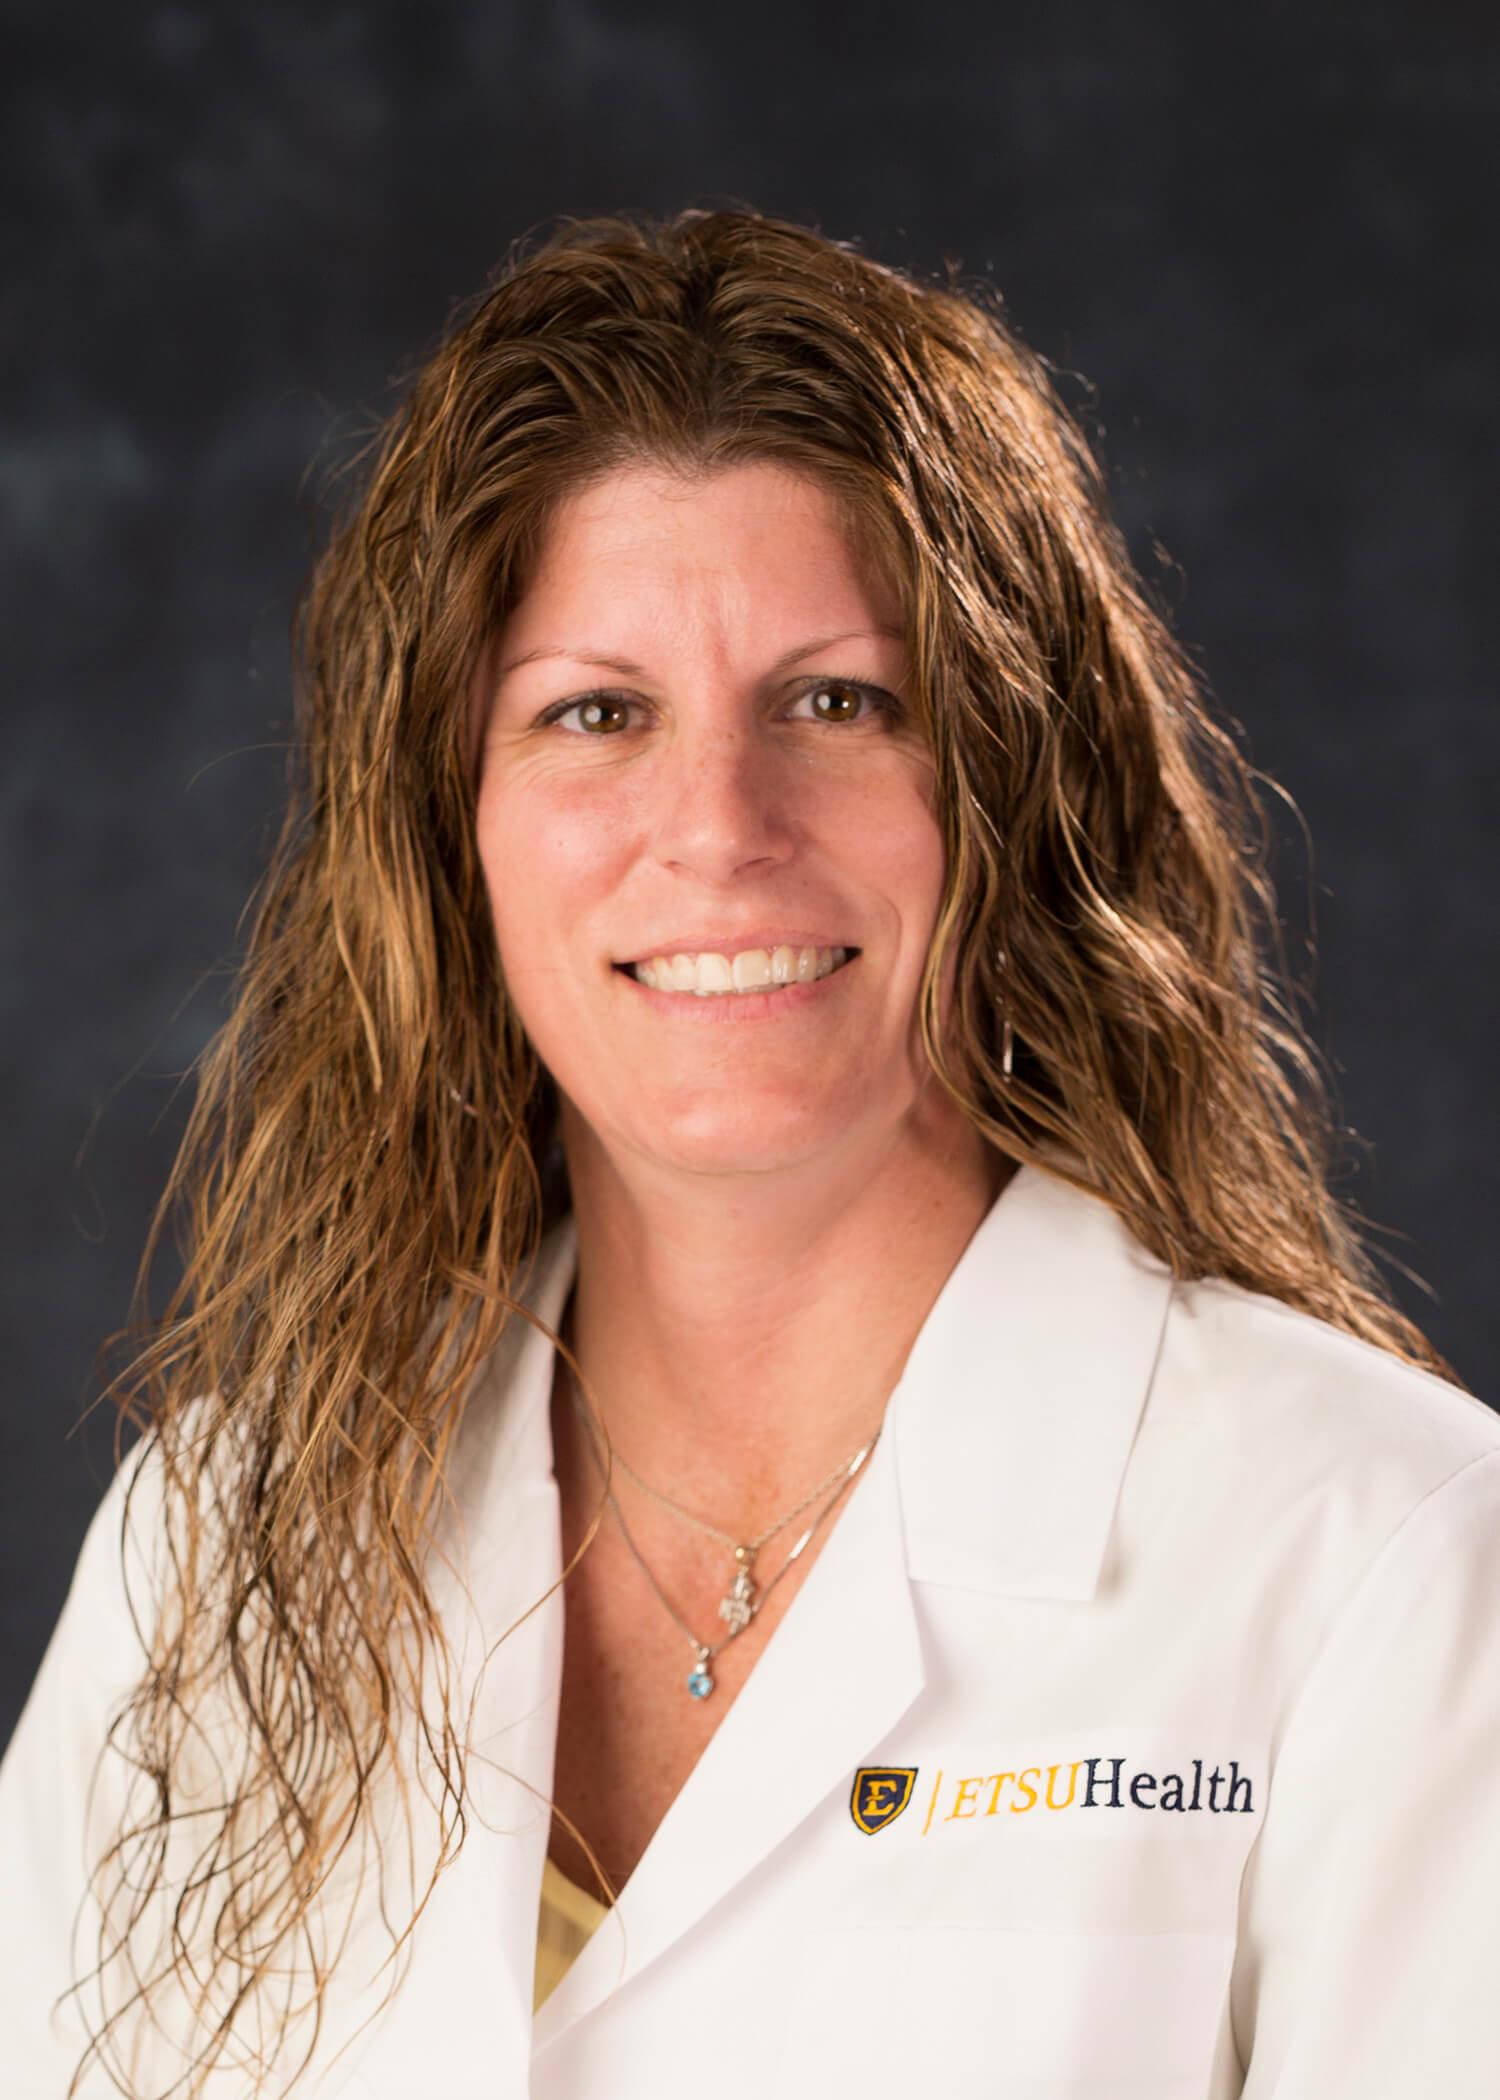 Photo of Sarah Hewitt, M.D.